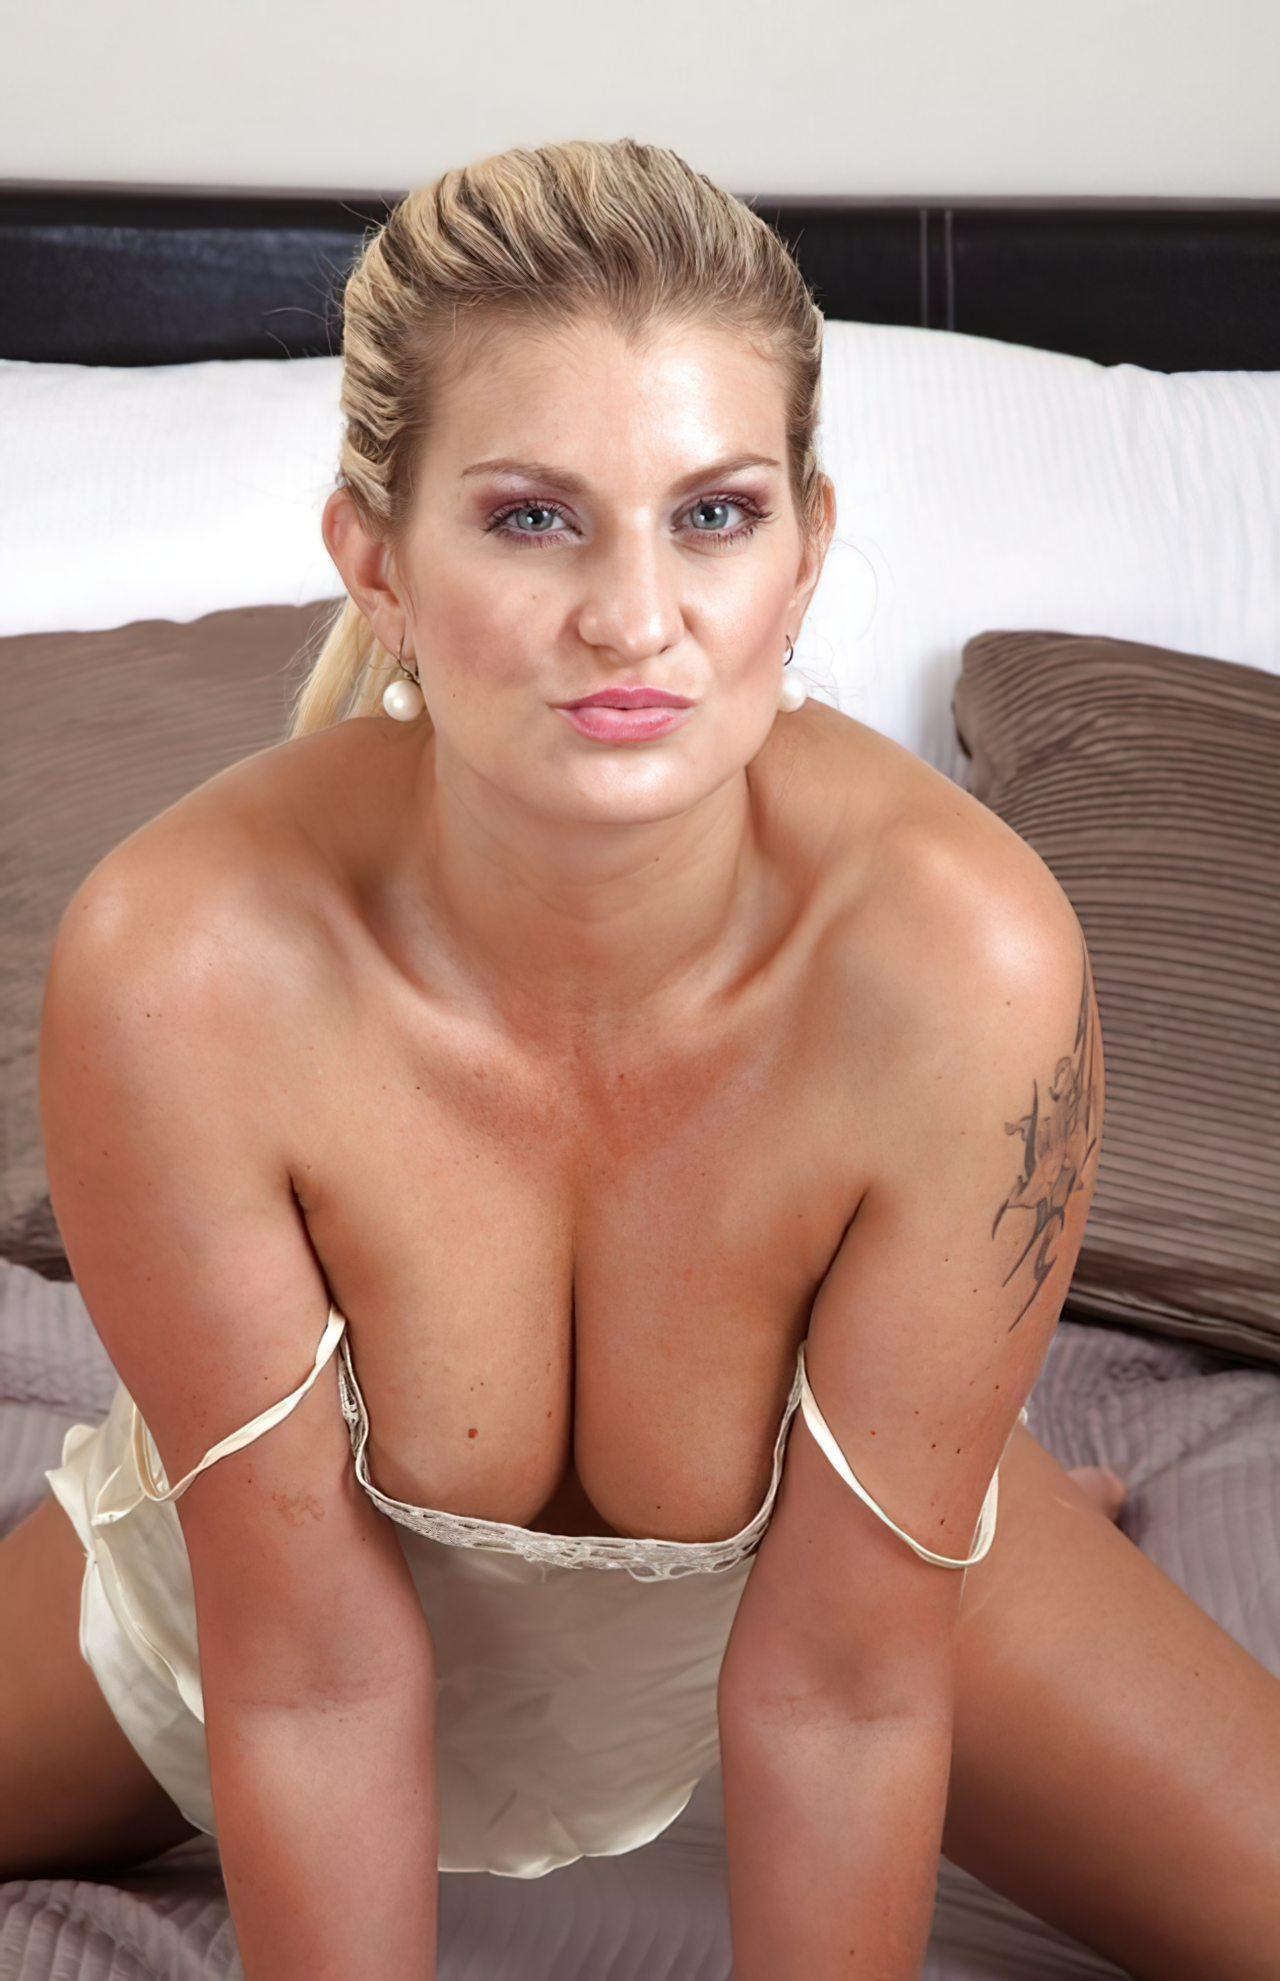 Mulher com Buceta Peluda (3)